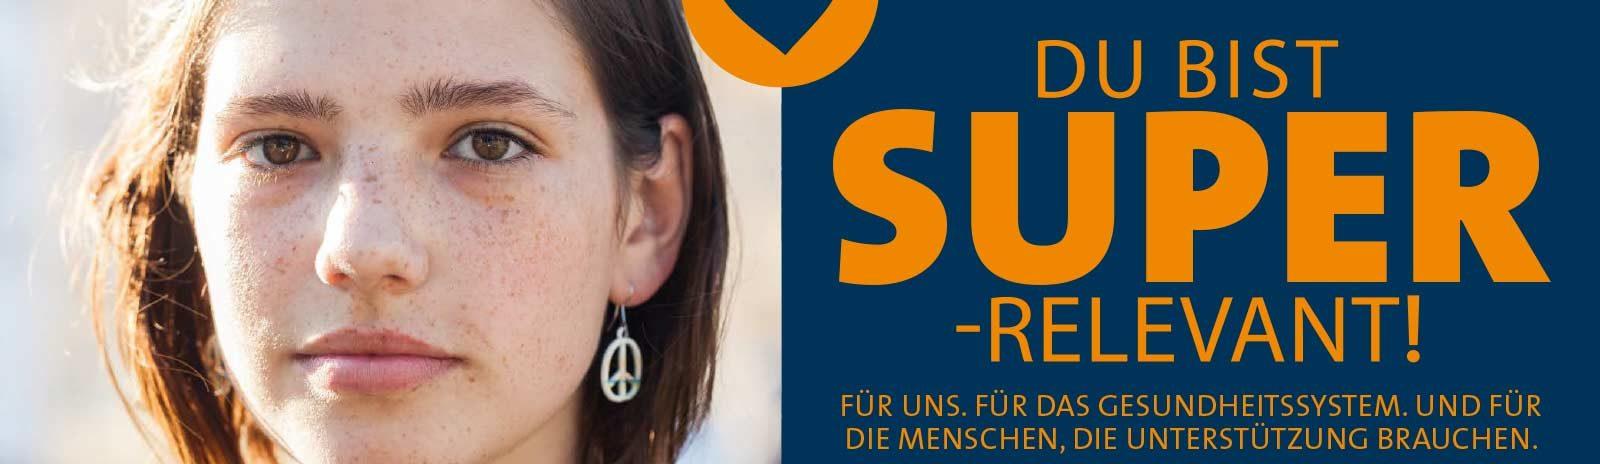 ausbildung.de_slider